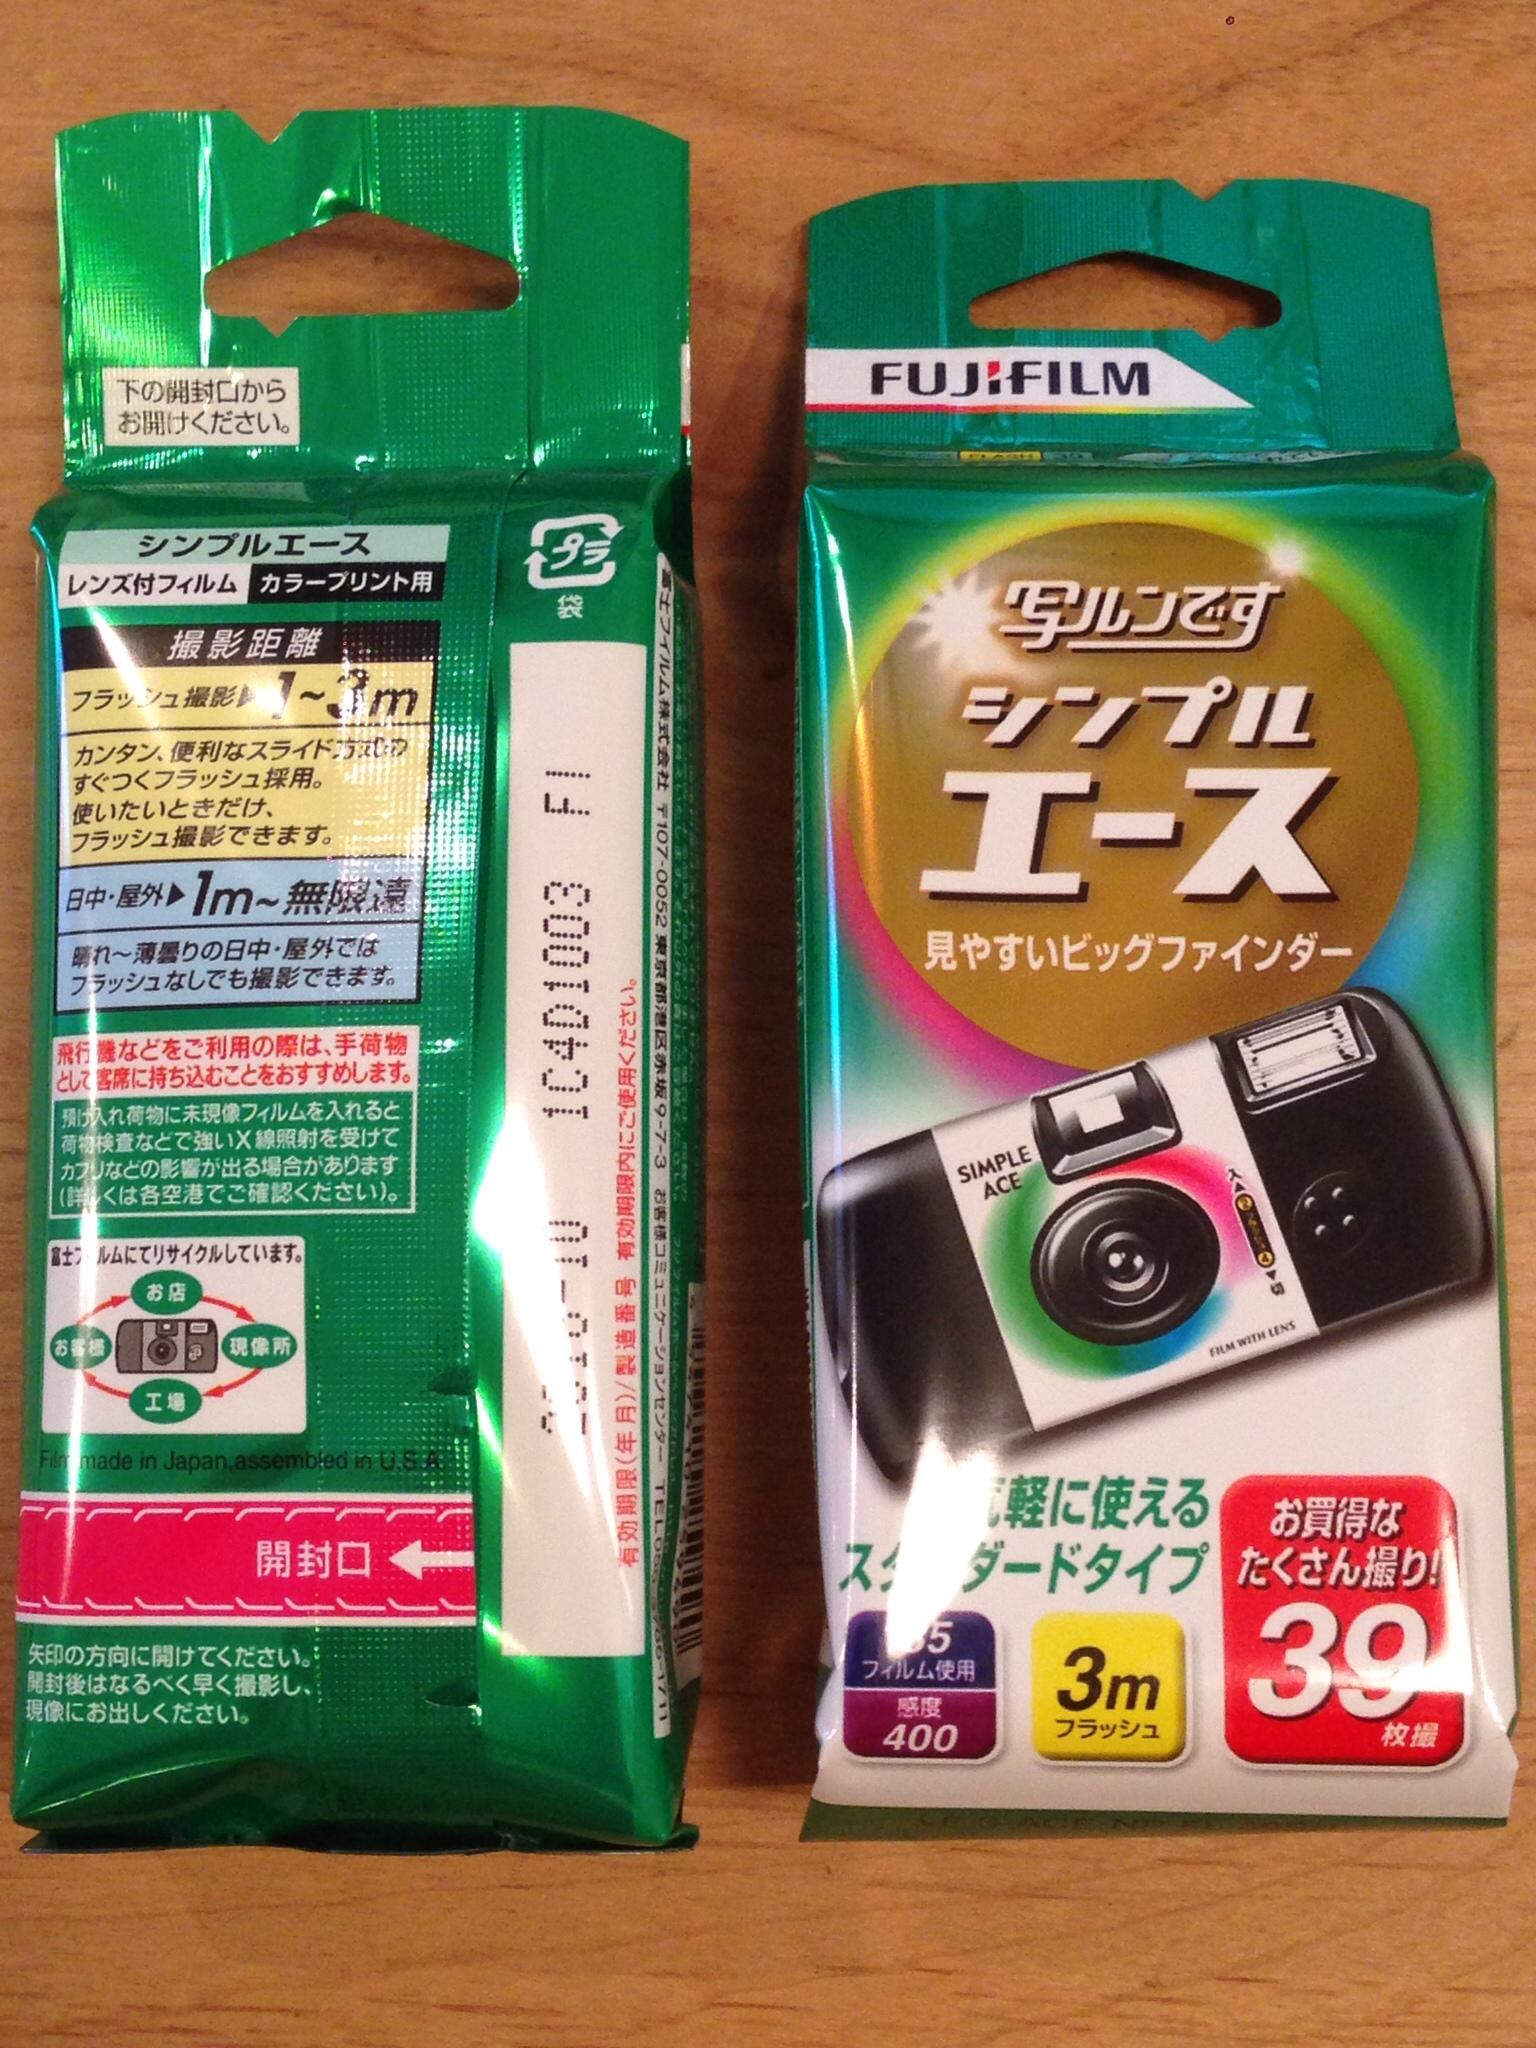 8bf3ec4ff748 でも懐かしい(涙) 中3の修学旅行の時、東京に持って行った事を思い出しました。発売されたばかりで、フラッシュ機能が付いてなくて新幹線内の写真が残念な結果になっ  ...